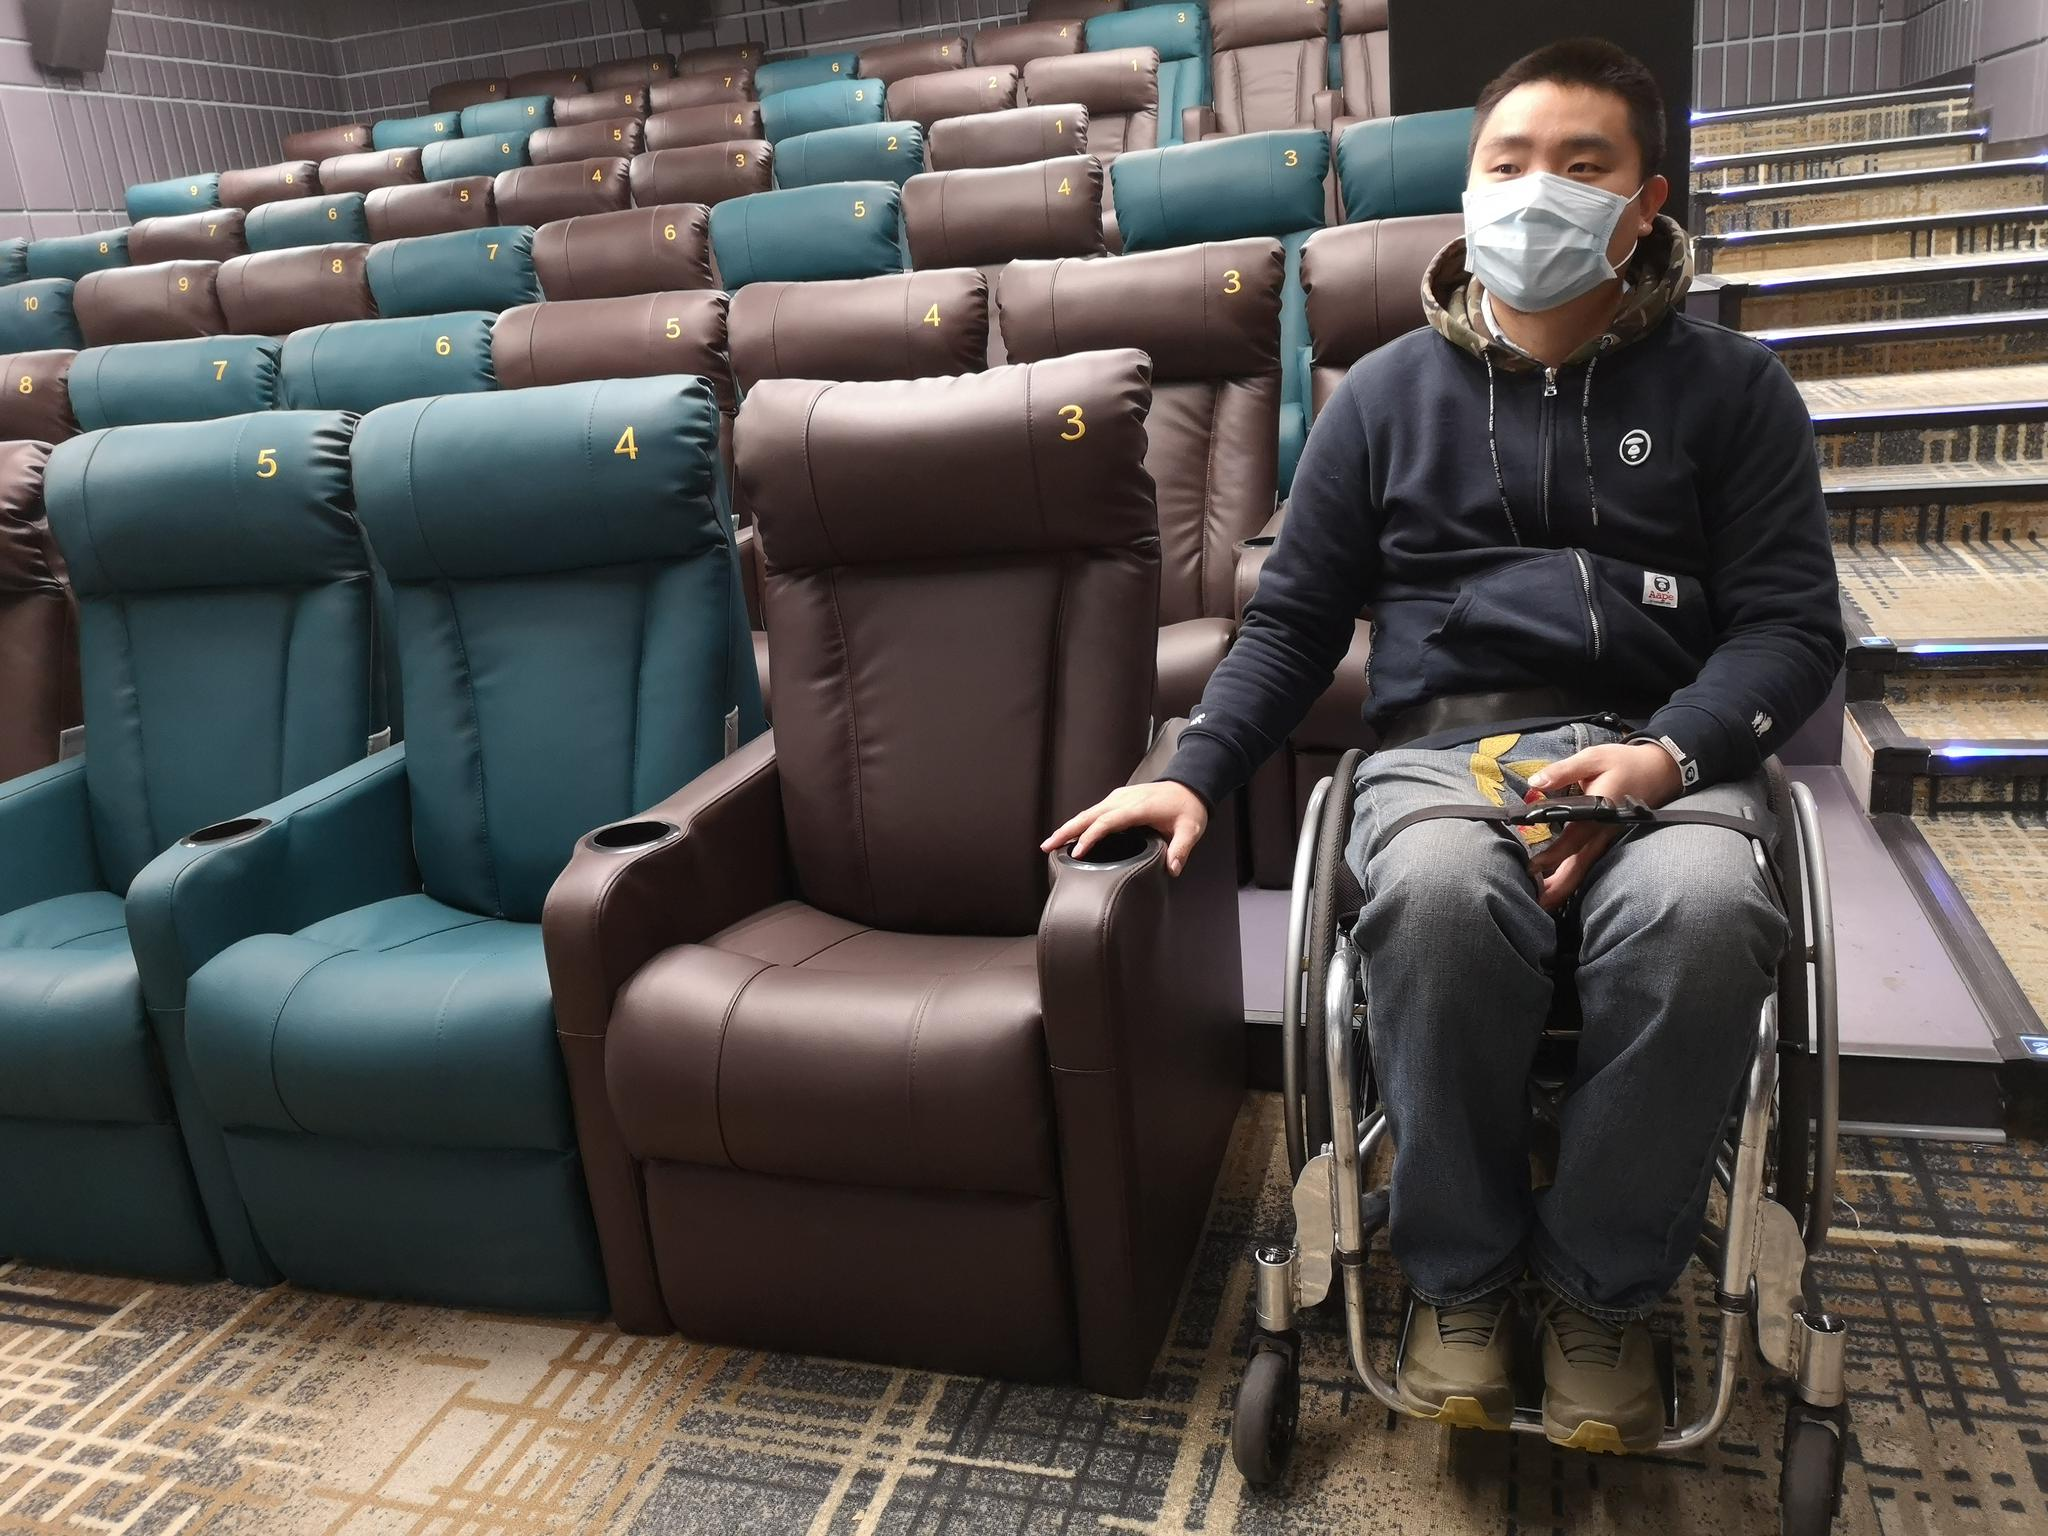 潘逸飞体验影院轮椅坐席。拍照/ 记京报新哲 黄者程。